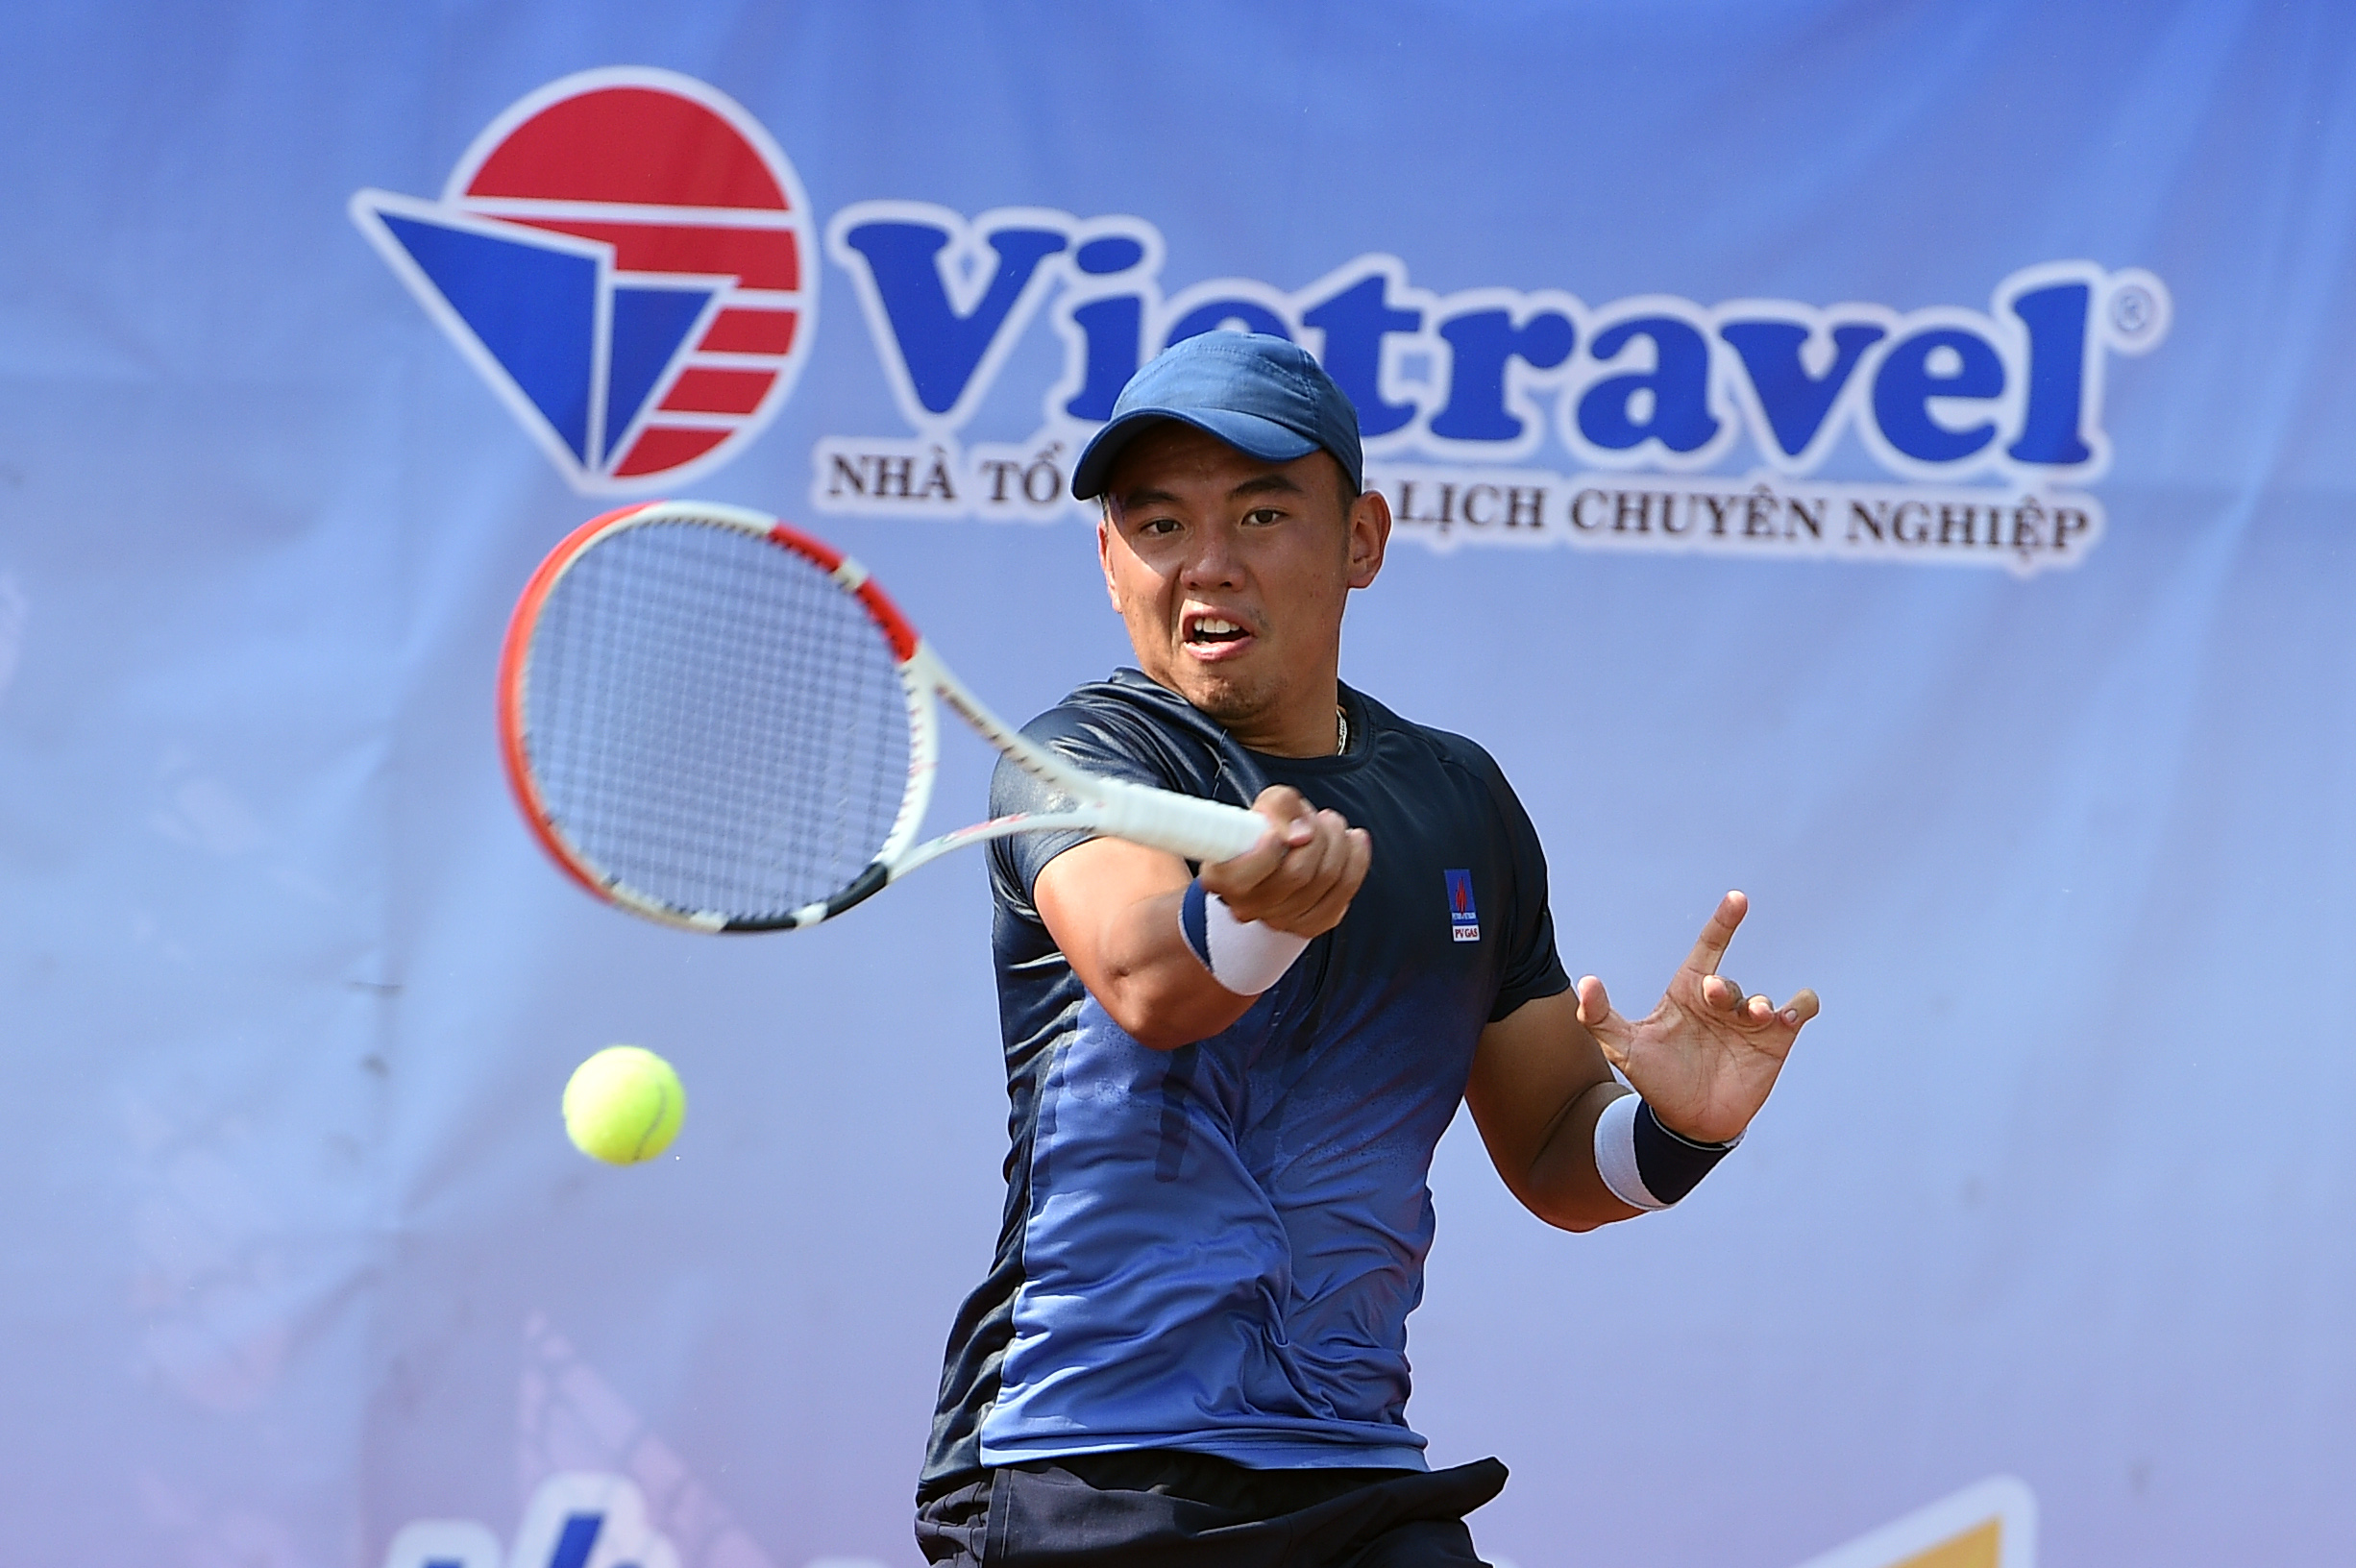 Hình ảnh: Nữ Hưng Thịnh TP.HCM đăng quang Giải quần vợt vô địch đồng đội Quốc gia 2021 số 5